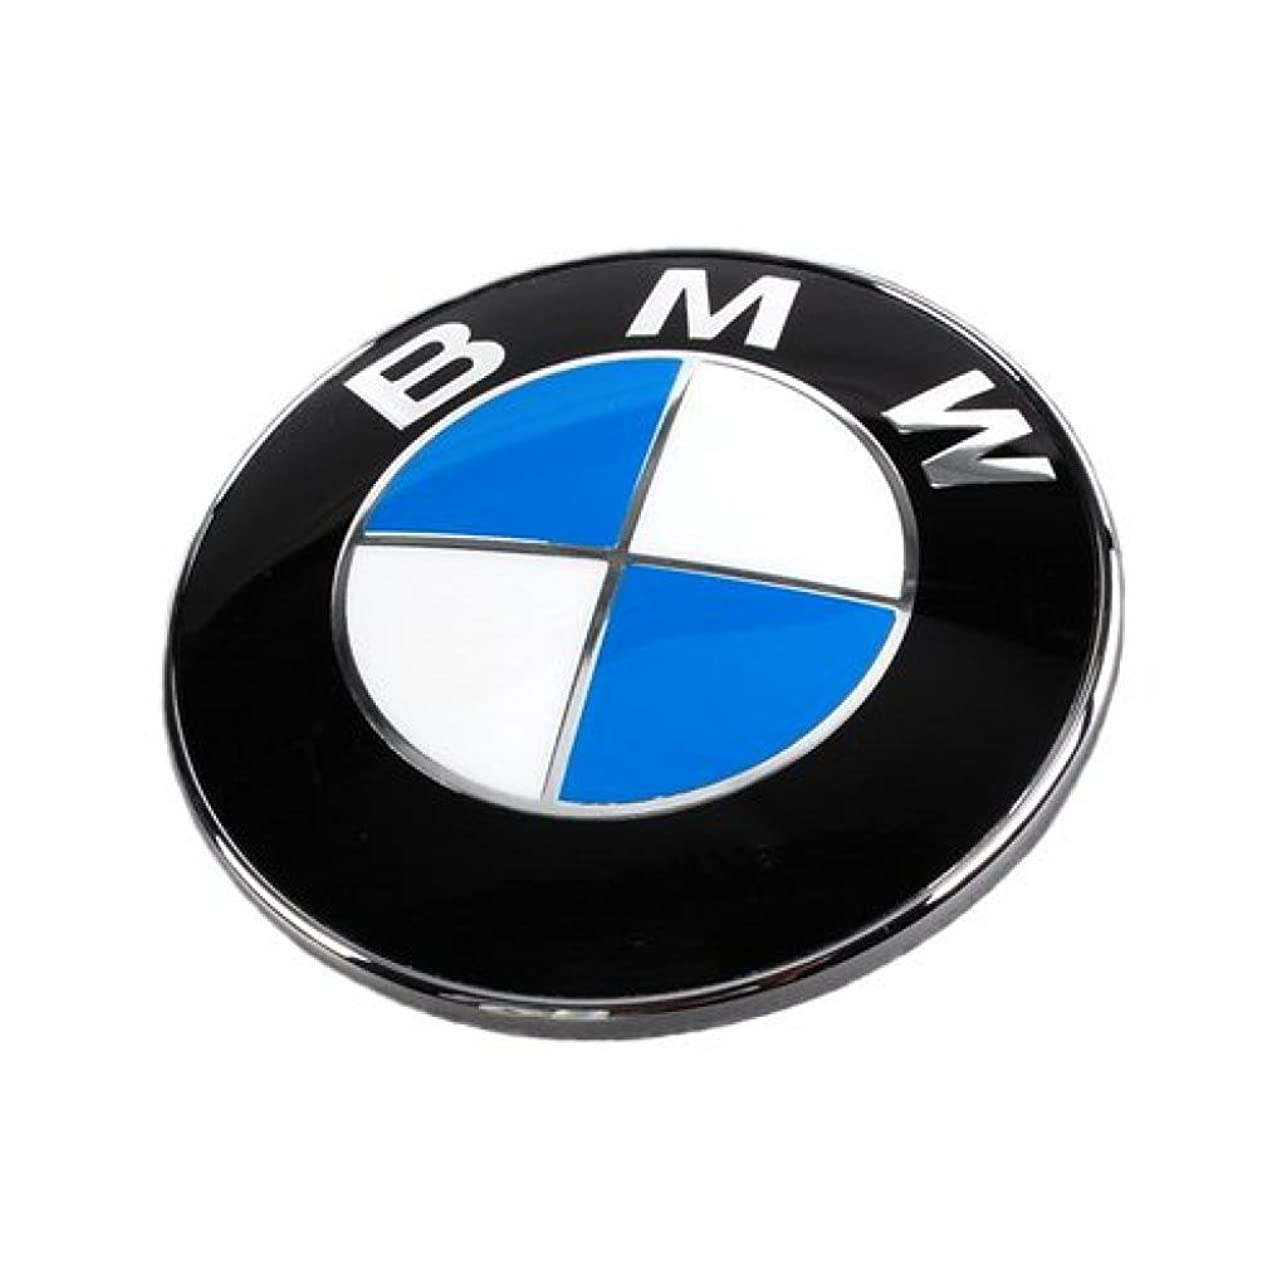 干し草入場統合BMW純正部品(ドイツ直輸入) 82mm エンブレム セット(純正グロメット、交換ツール、説明書付属) 51148132375